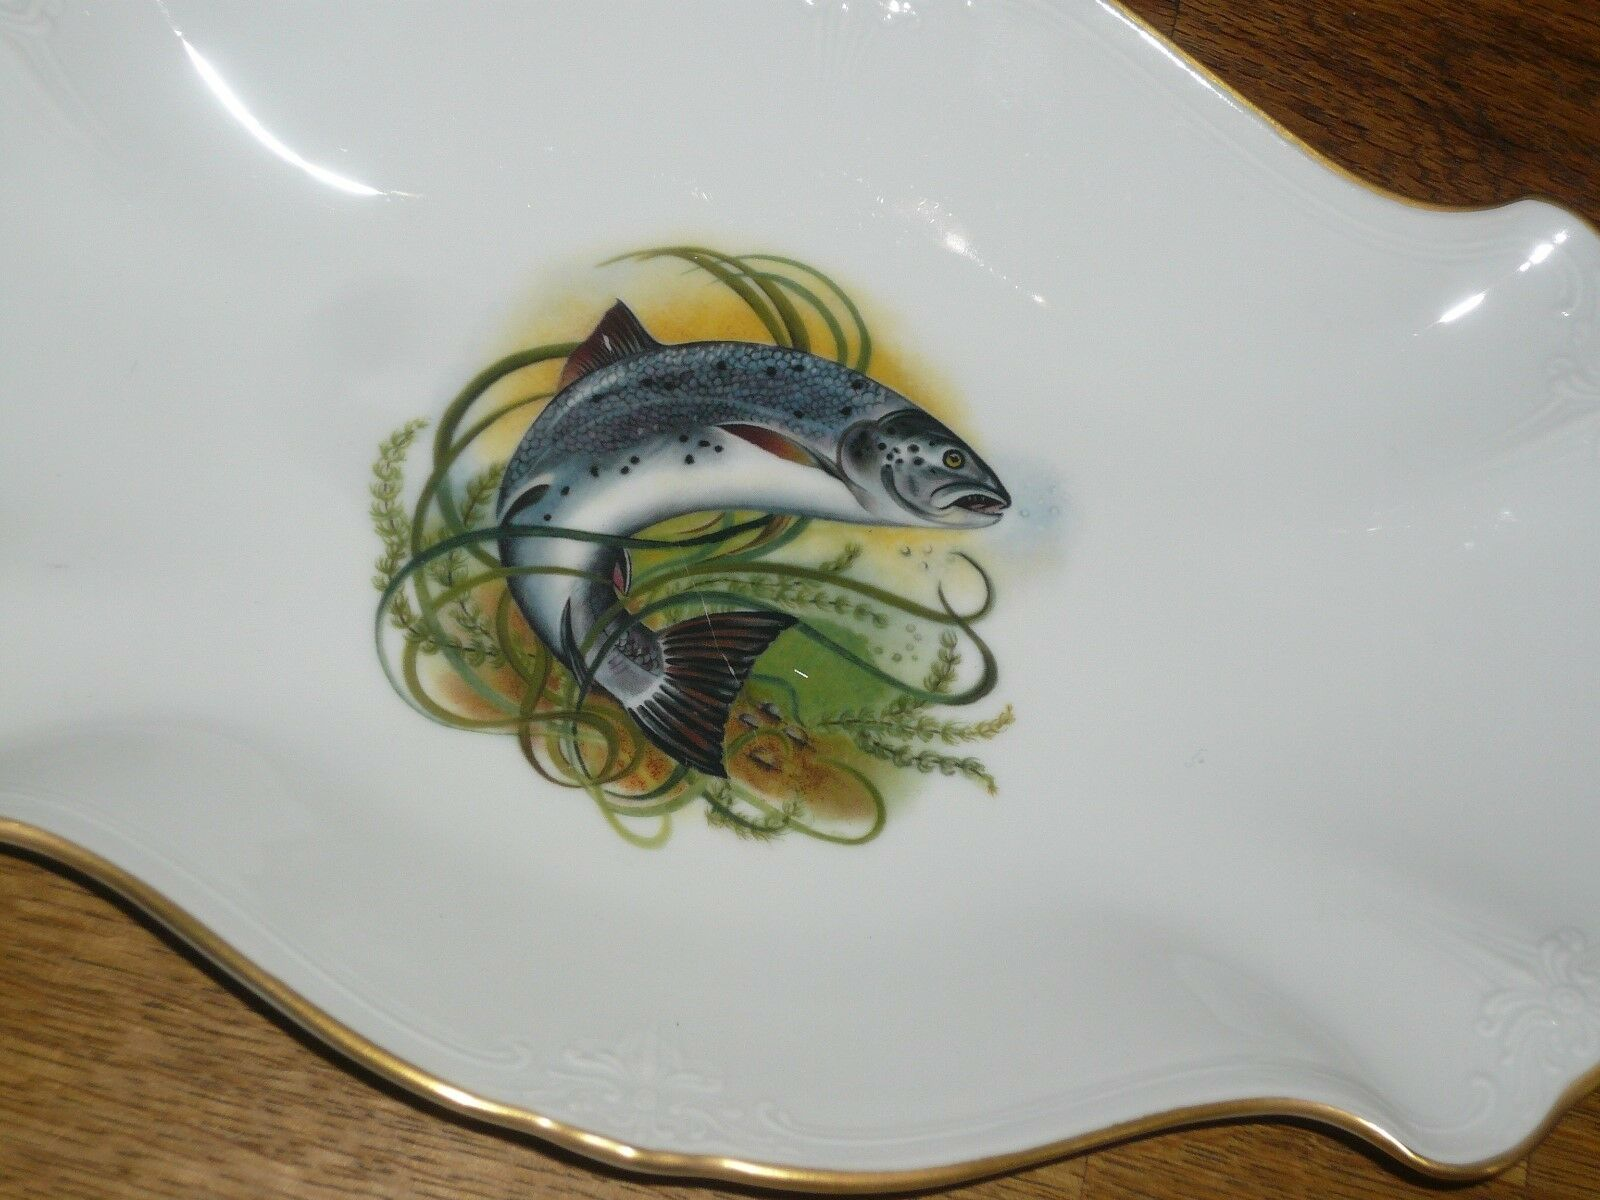 Platte 25,5 cm cm cm  16 cm Hutschenreuther  Baronesse  Goldrand  Fisch  Fischmotiv | Mittlere Kosten  e94dff